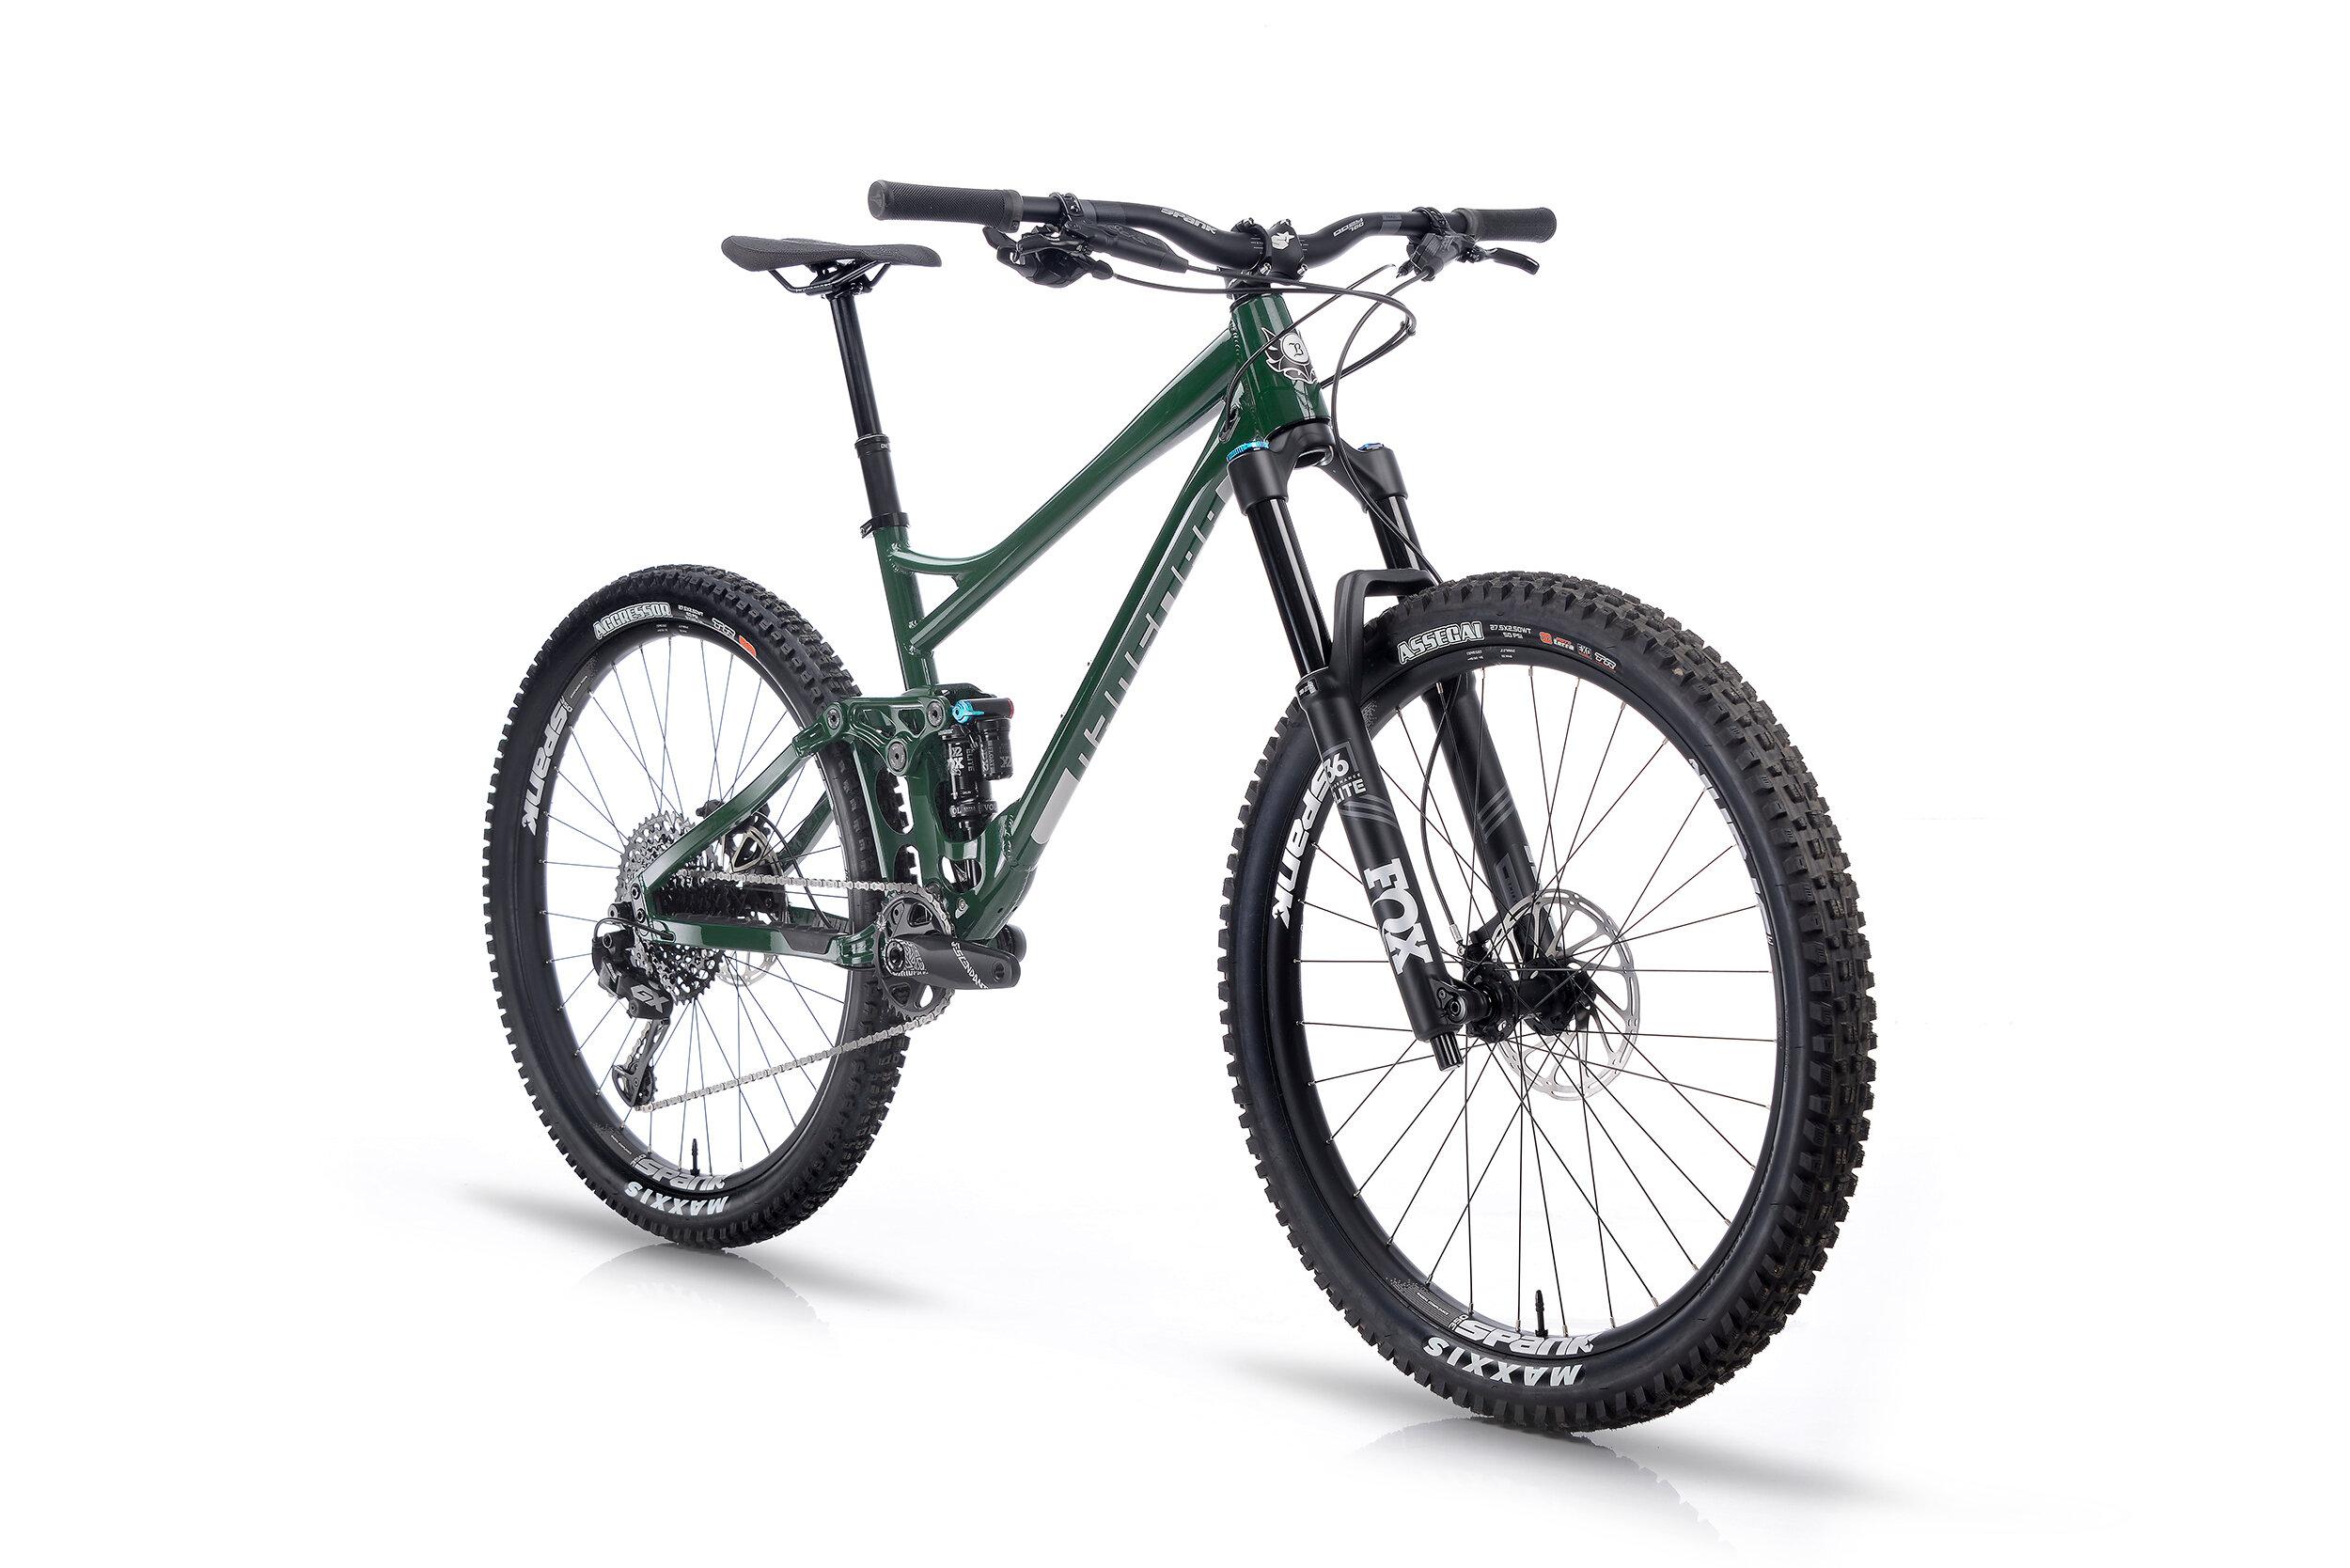 Spitfire V3 — Banshee Bikes